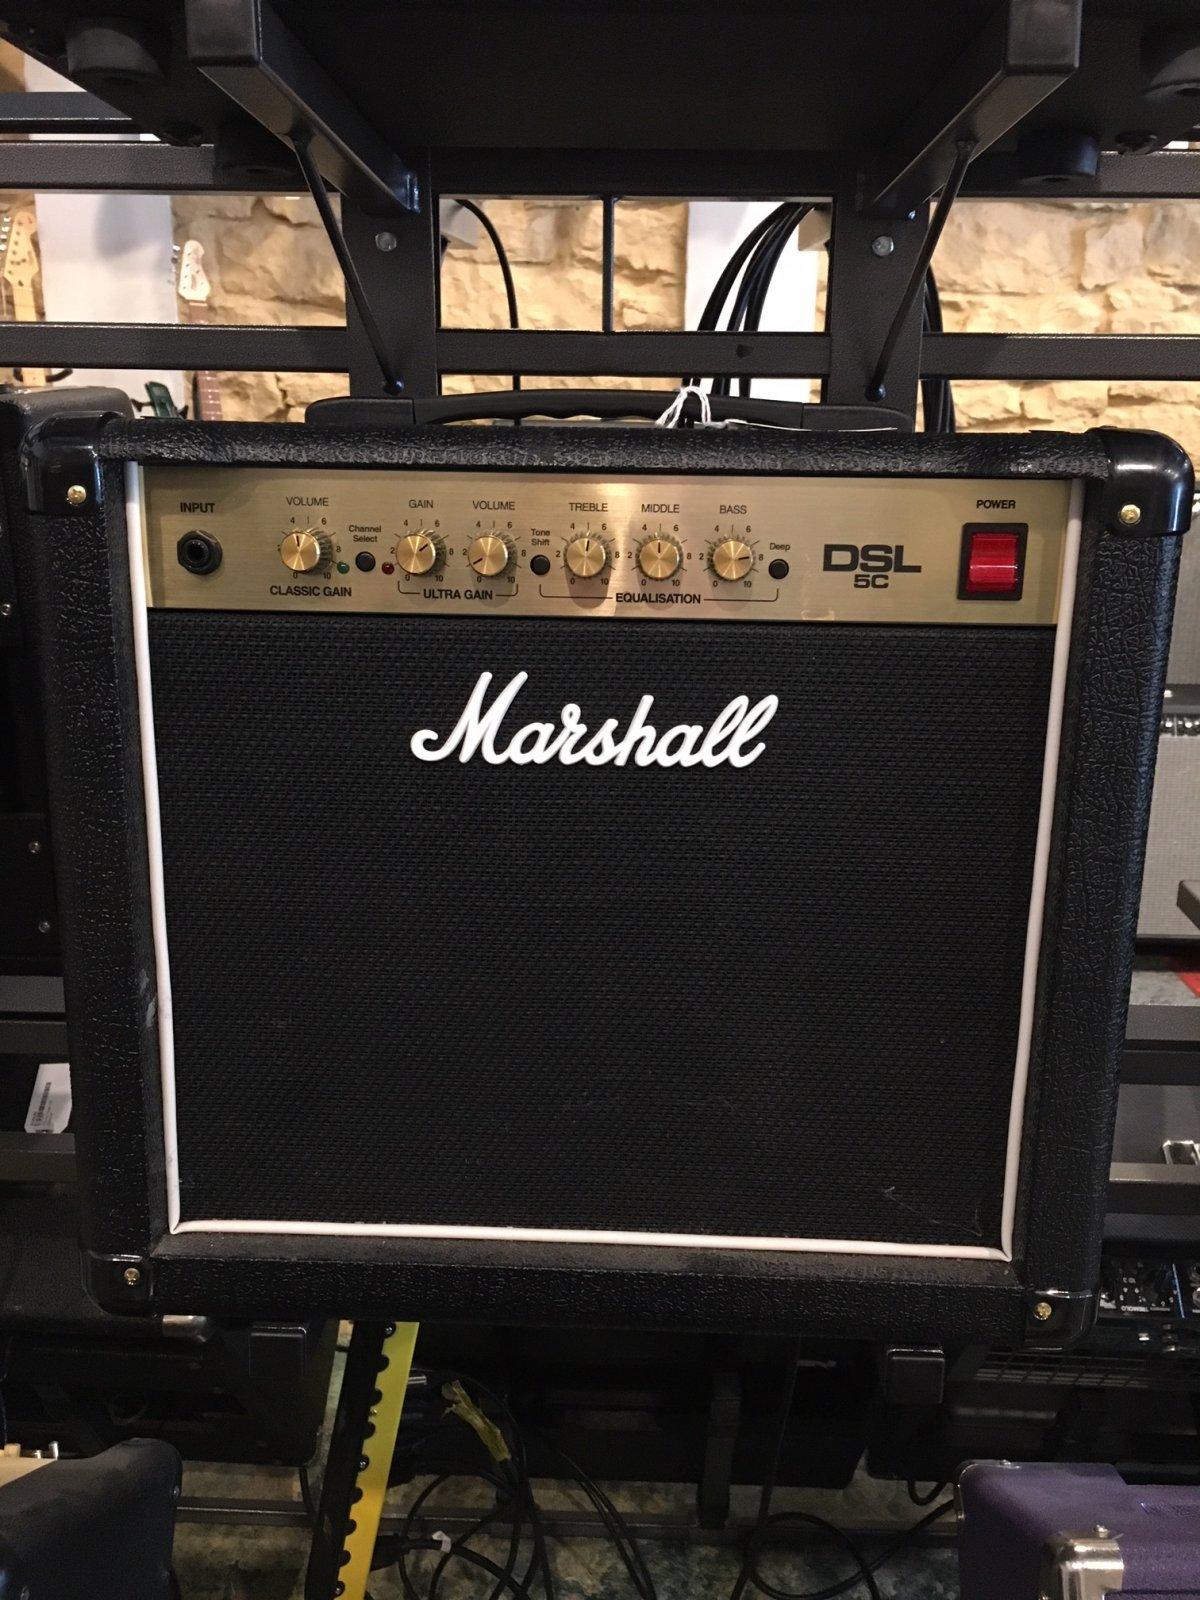 Used Marshall DSL5c